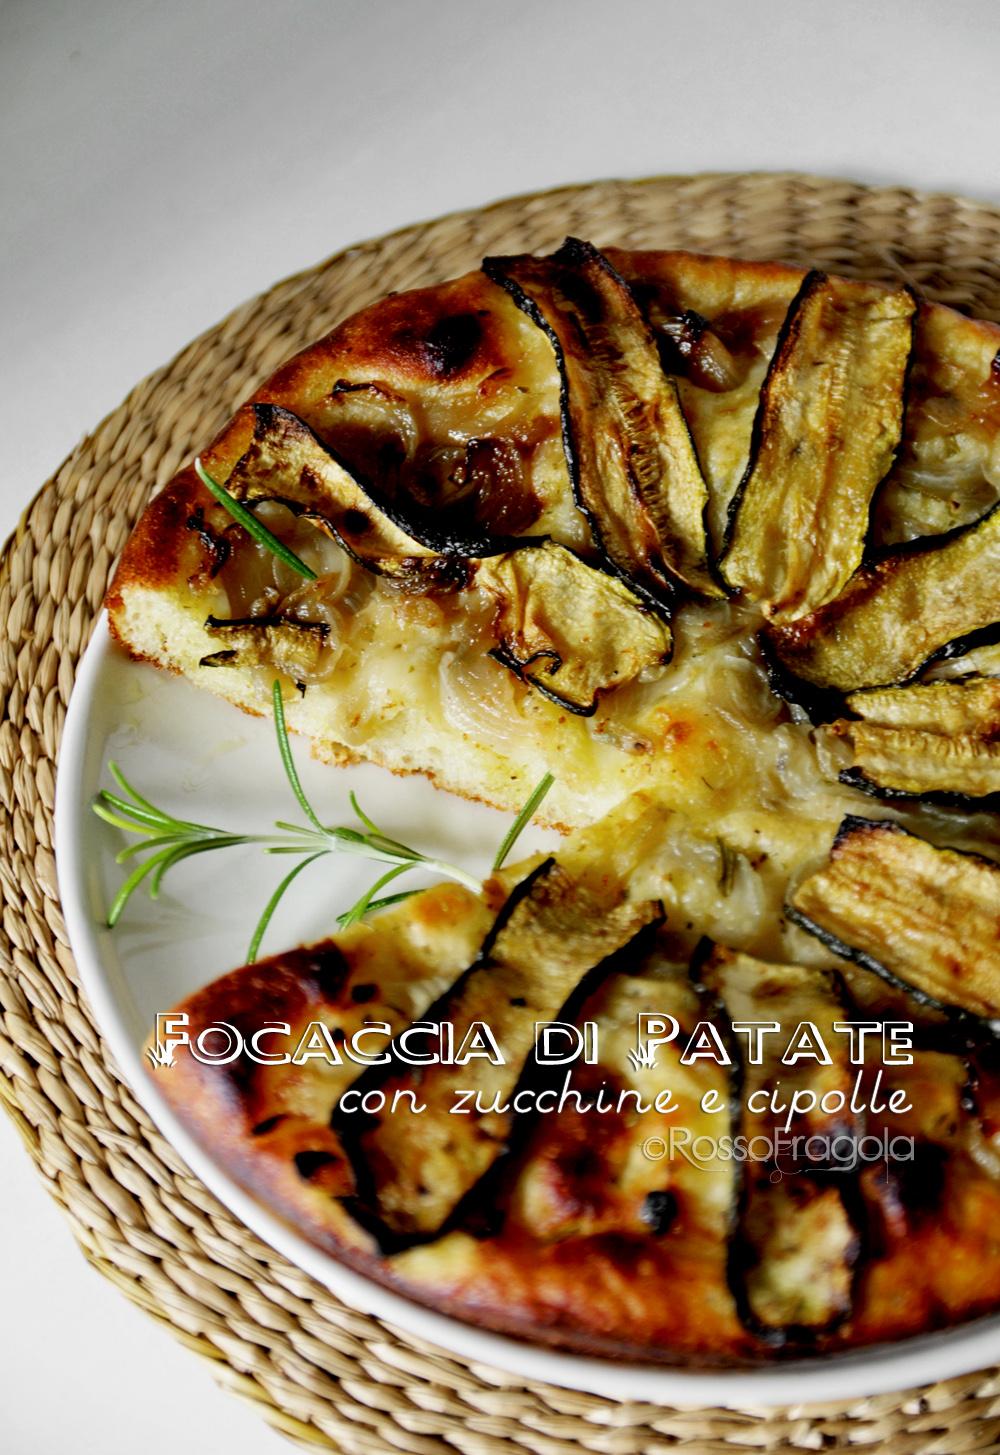 focaccia di patate con zucchine e cipolle